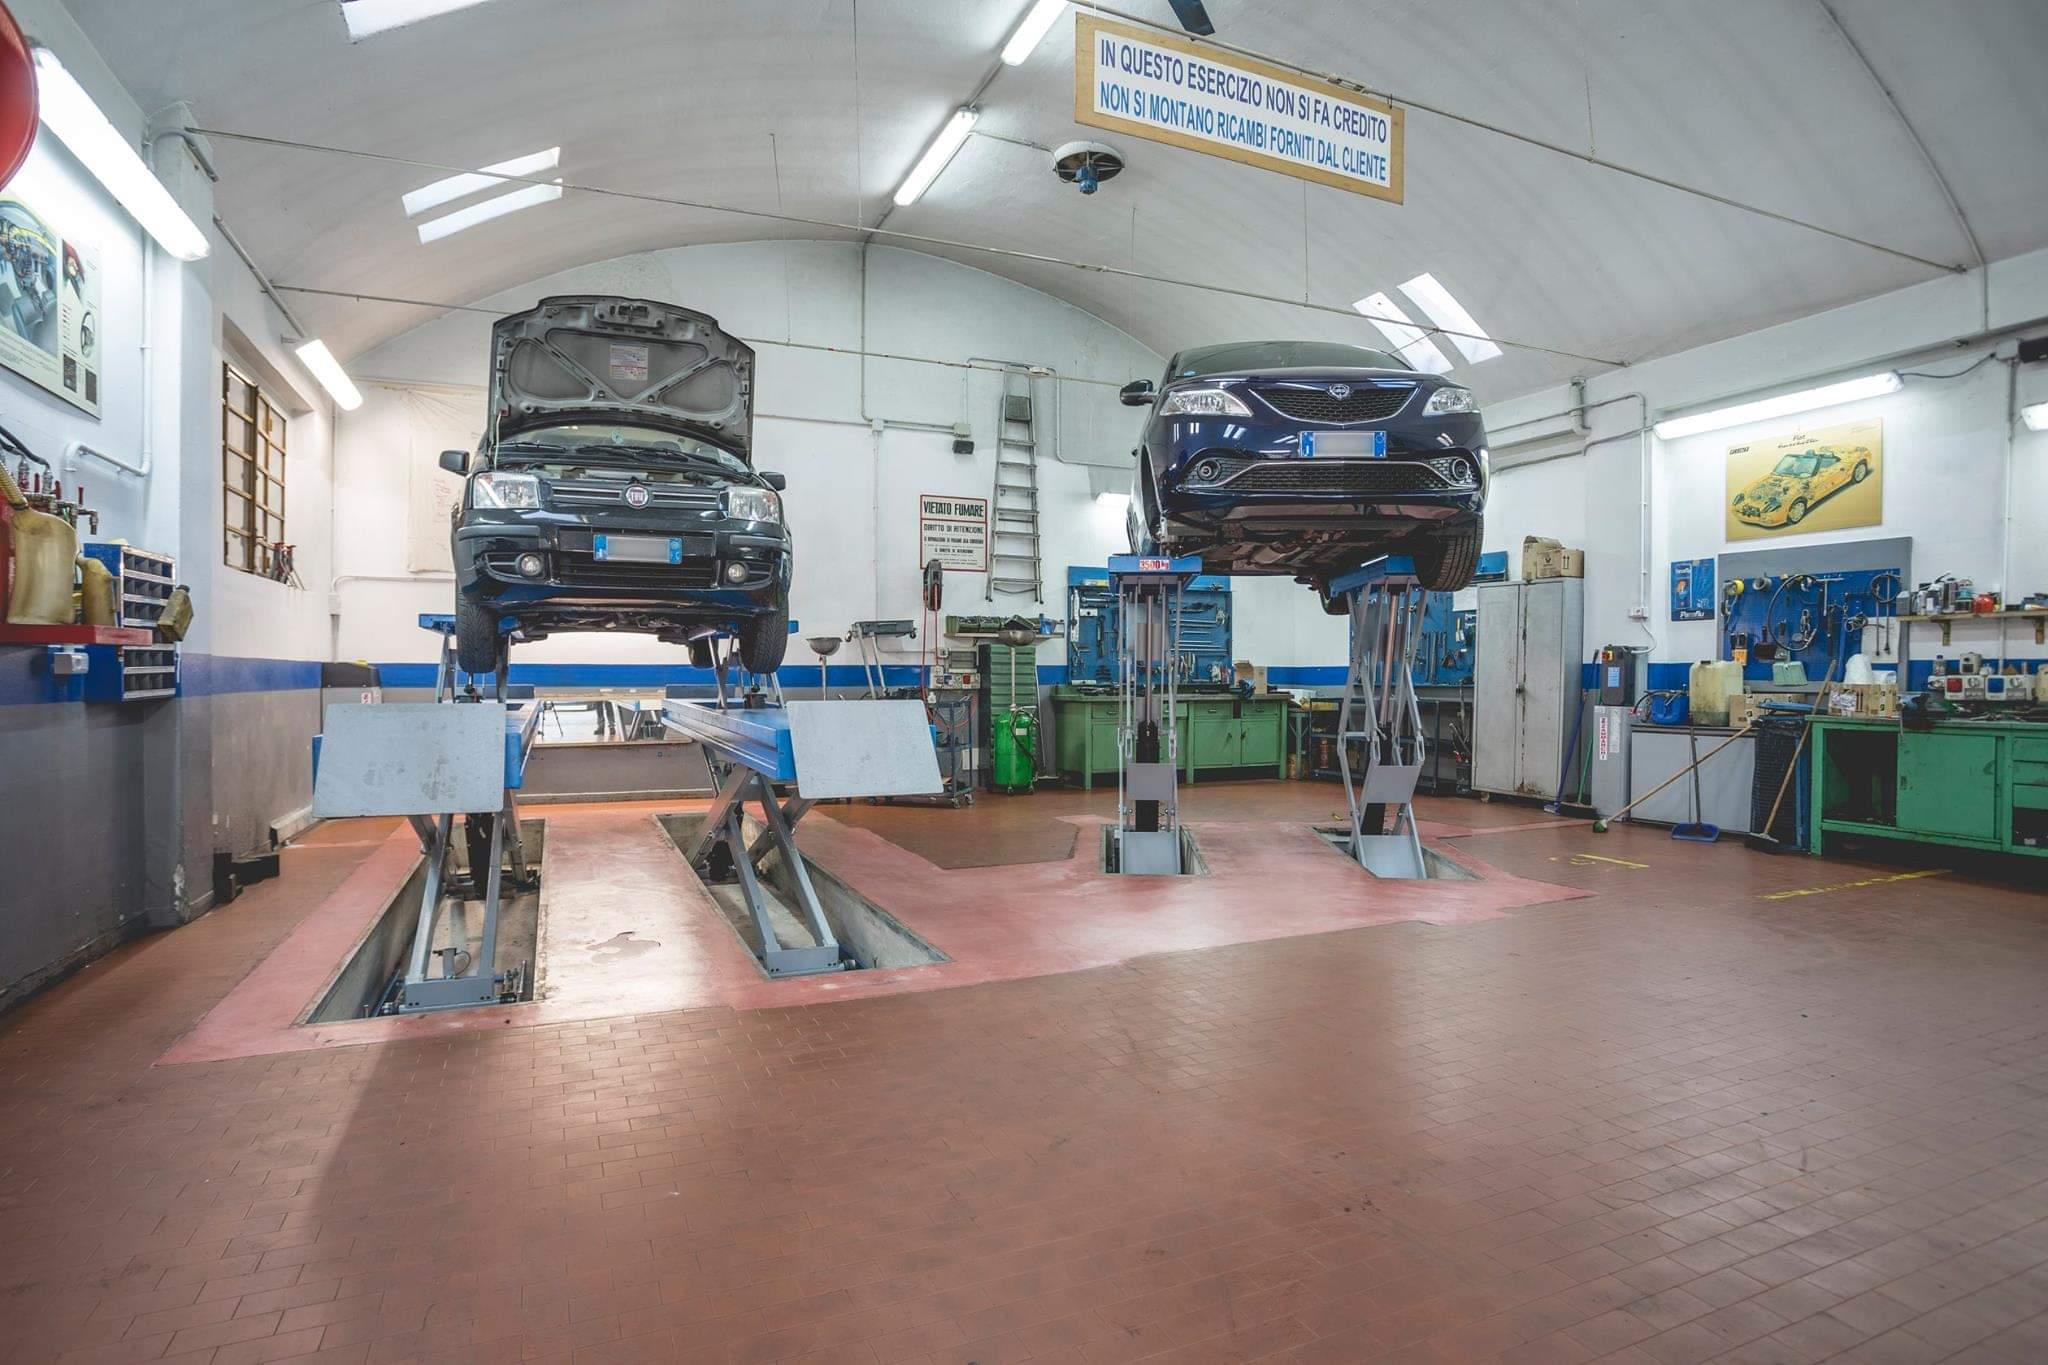 officina meccanica  Officina Meccanica Energy tagliandi, collaudi auto, moto e ricarica ...